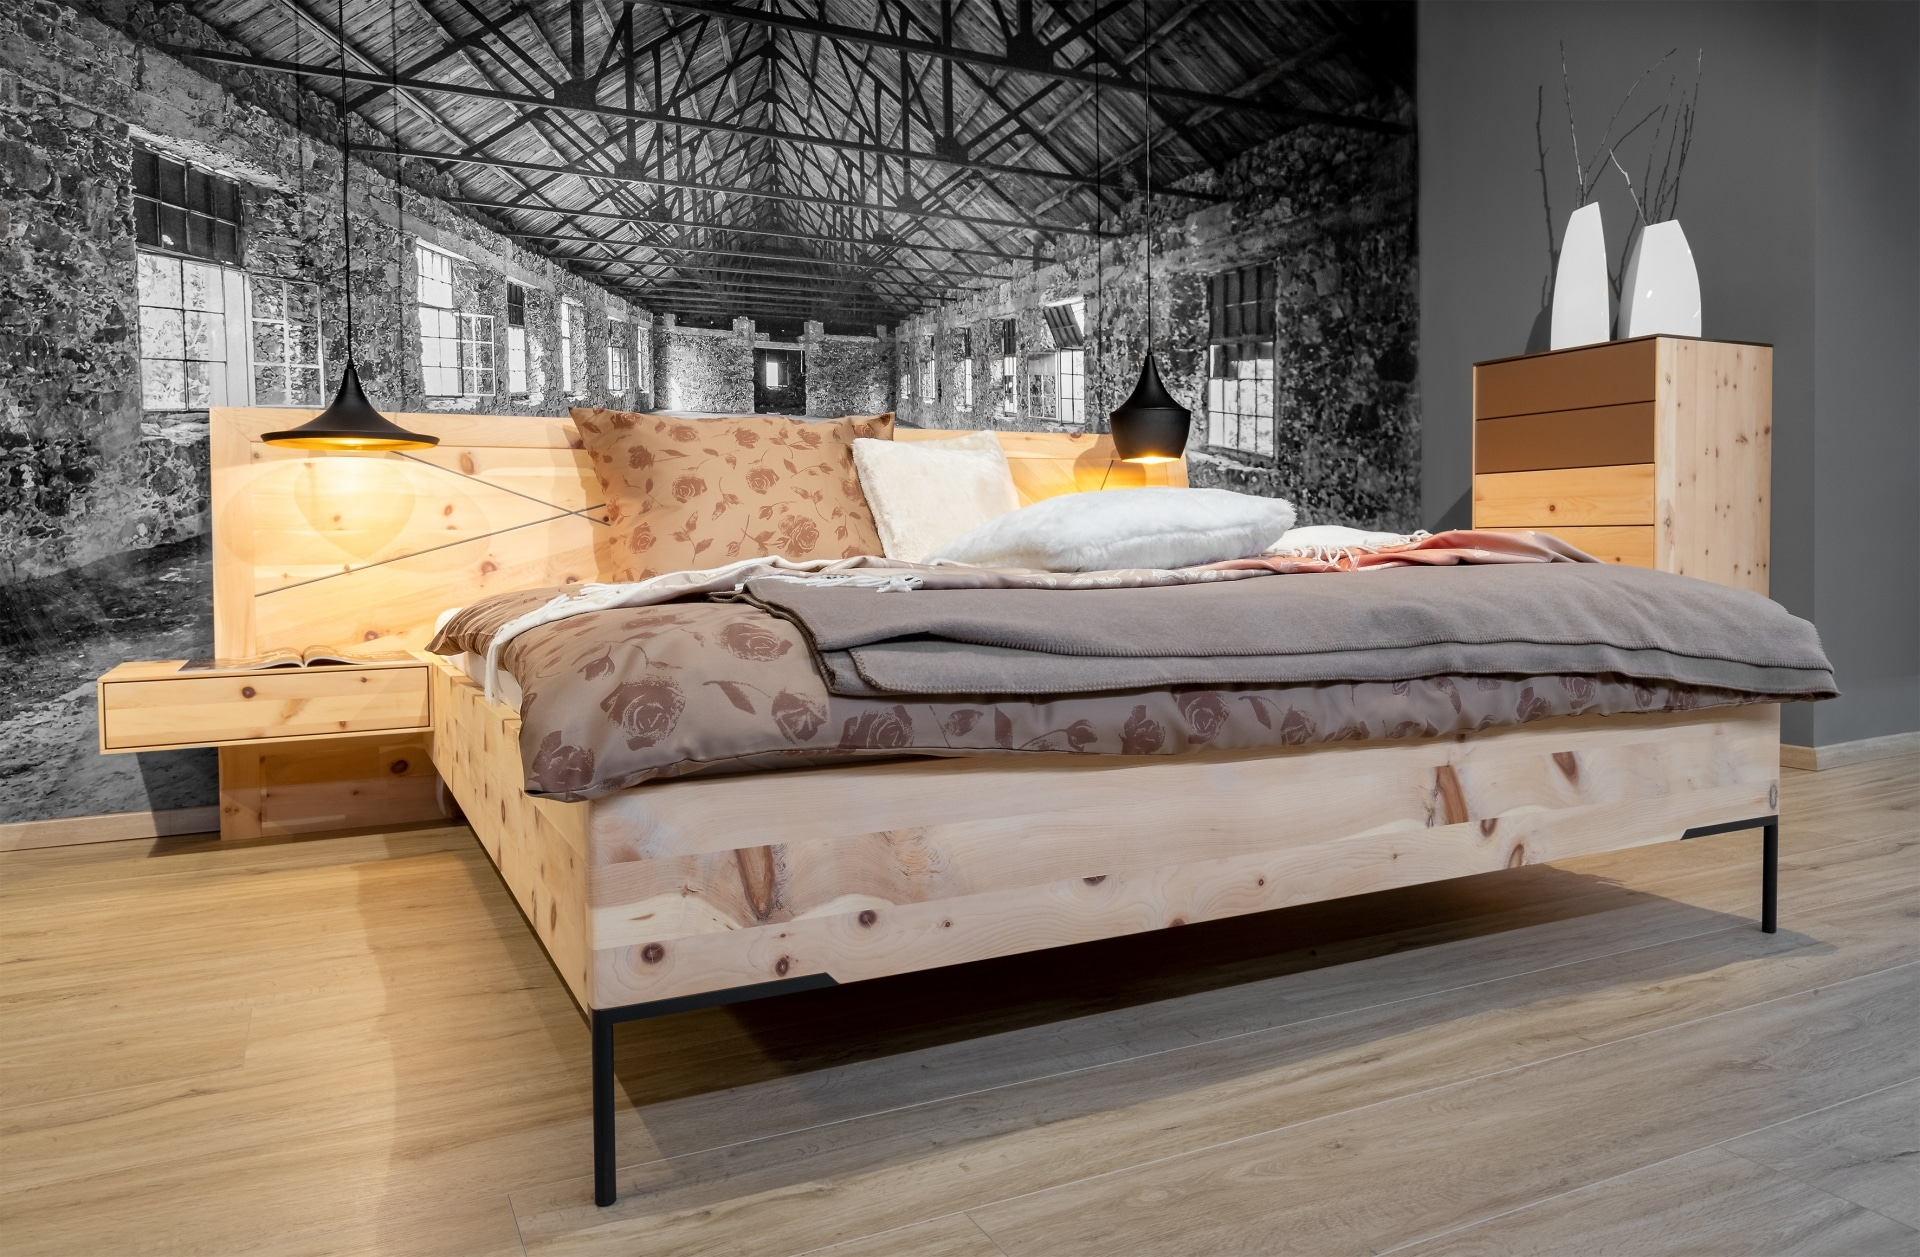 Bett mit Wandleuchten vor Akzenttapete